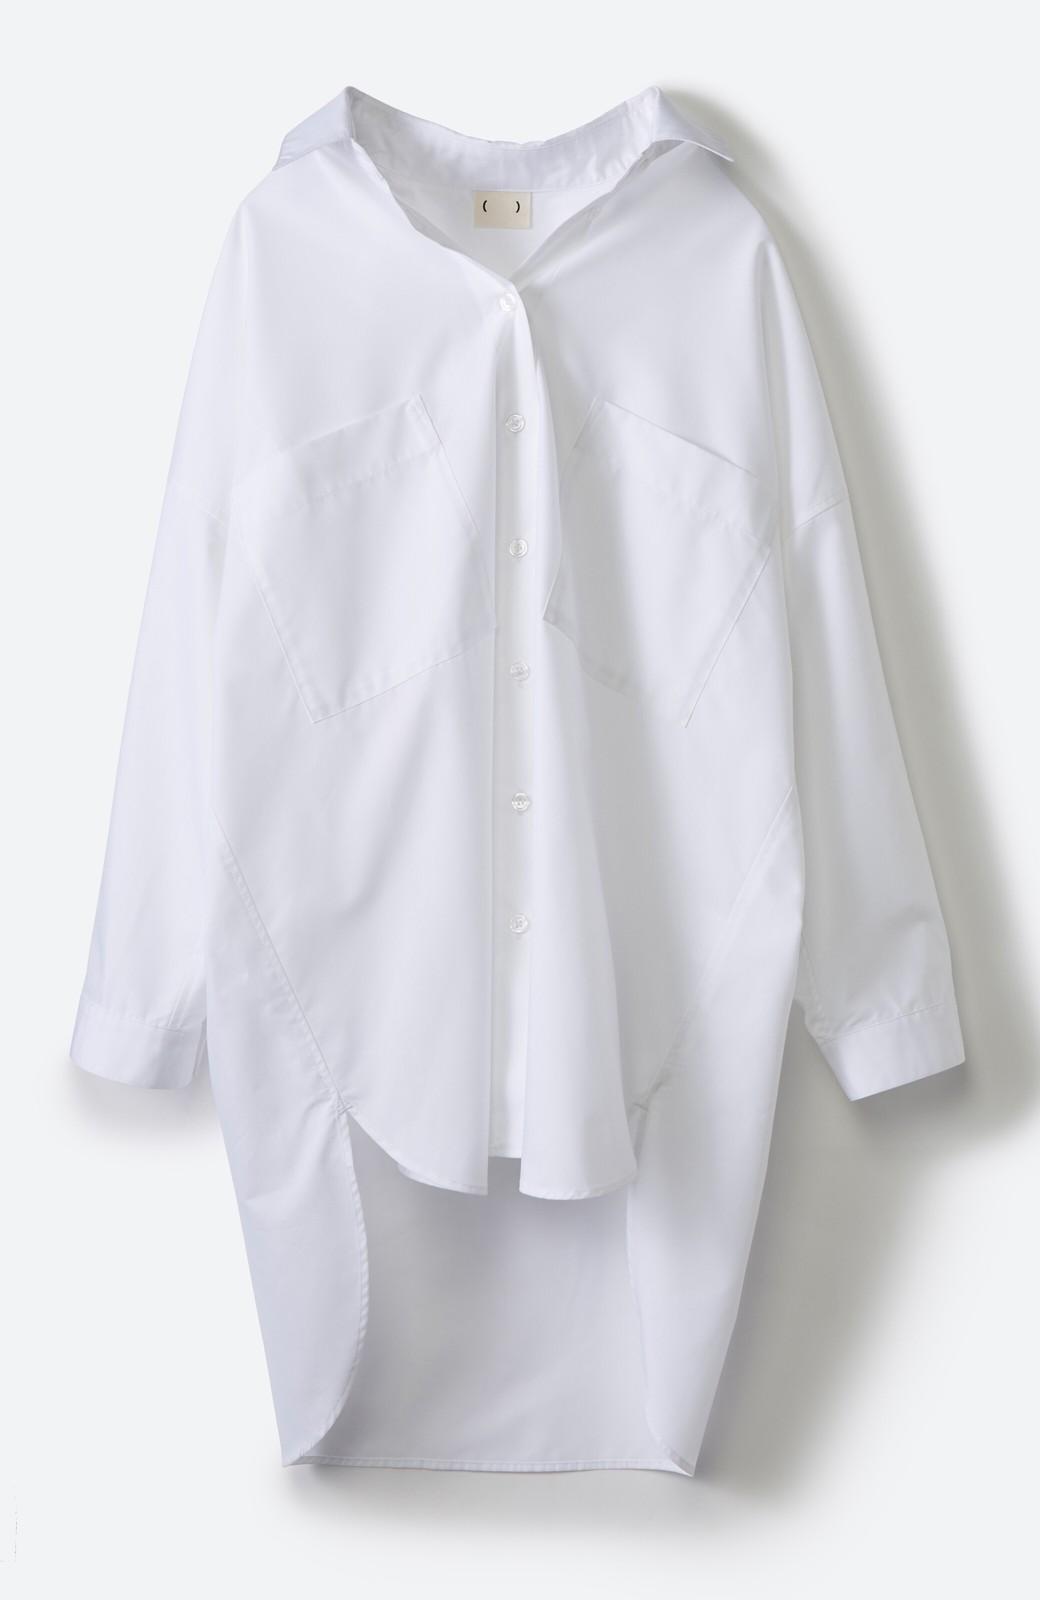 haco! サイズ感がオシャレに見せてくれる 真面目すぎないビッグシャツ <ホワイト>の商品写真16